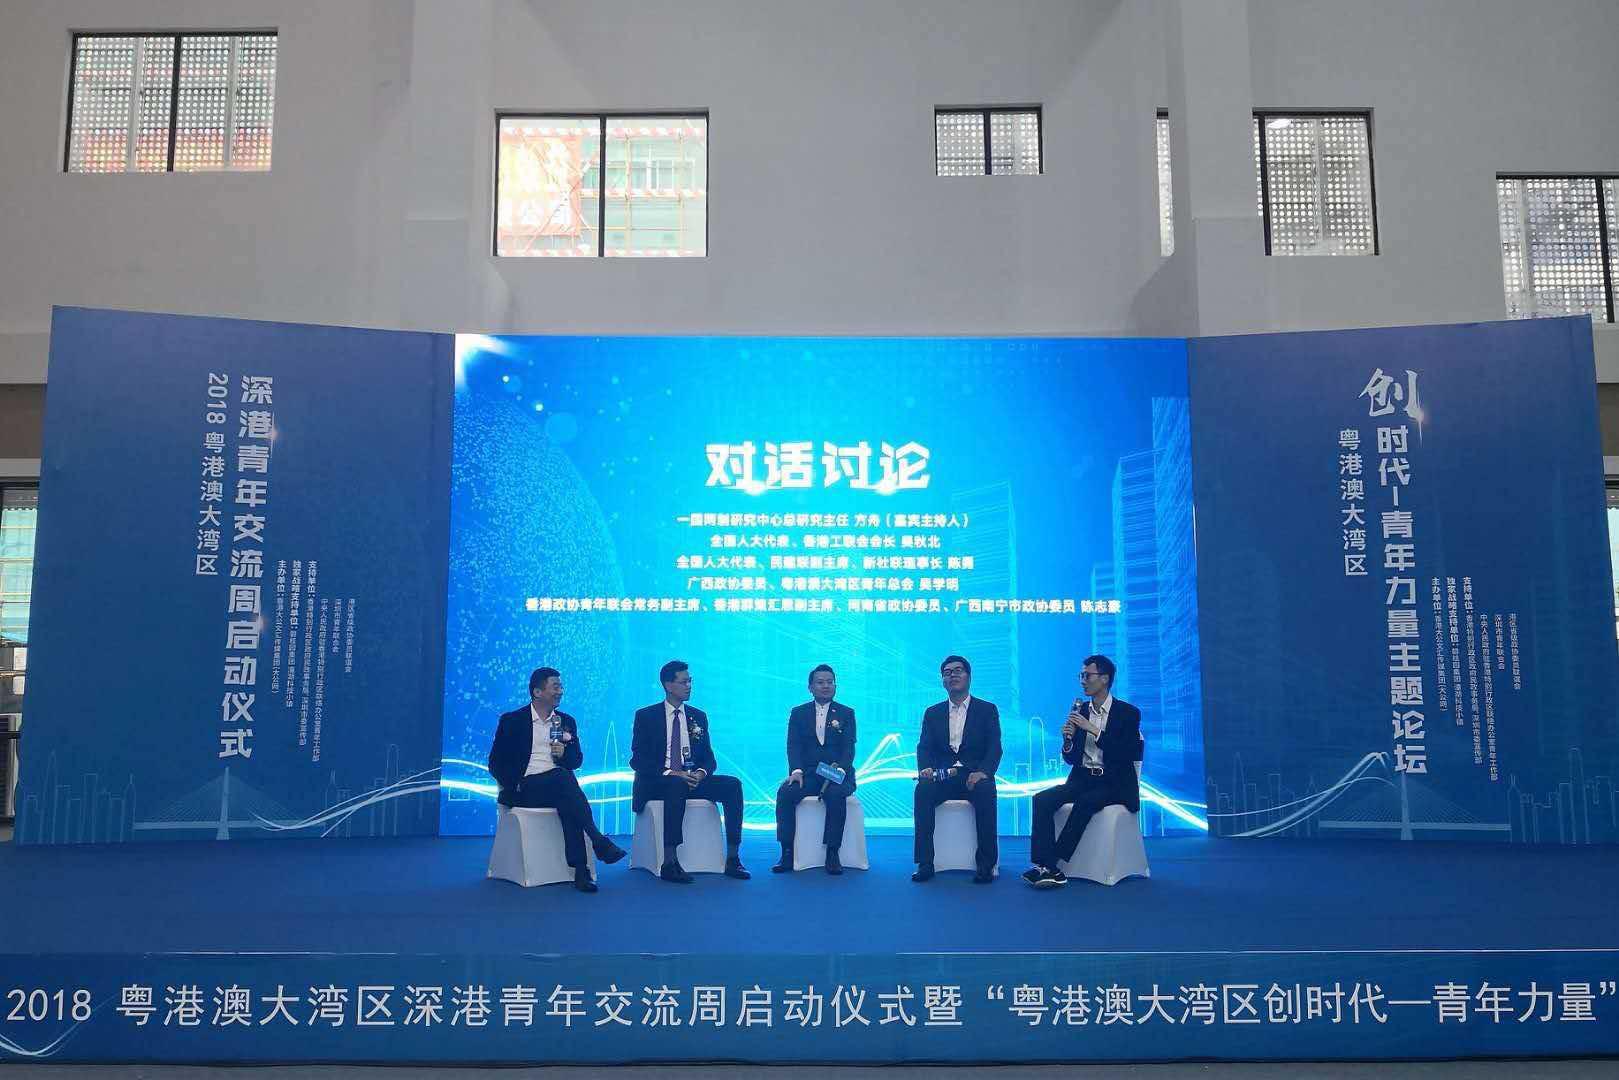 3年免租!香港青年入驻潼湖科技小镇发展,能享创业优惠